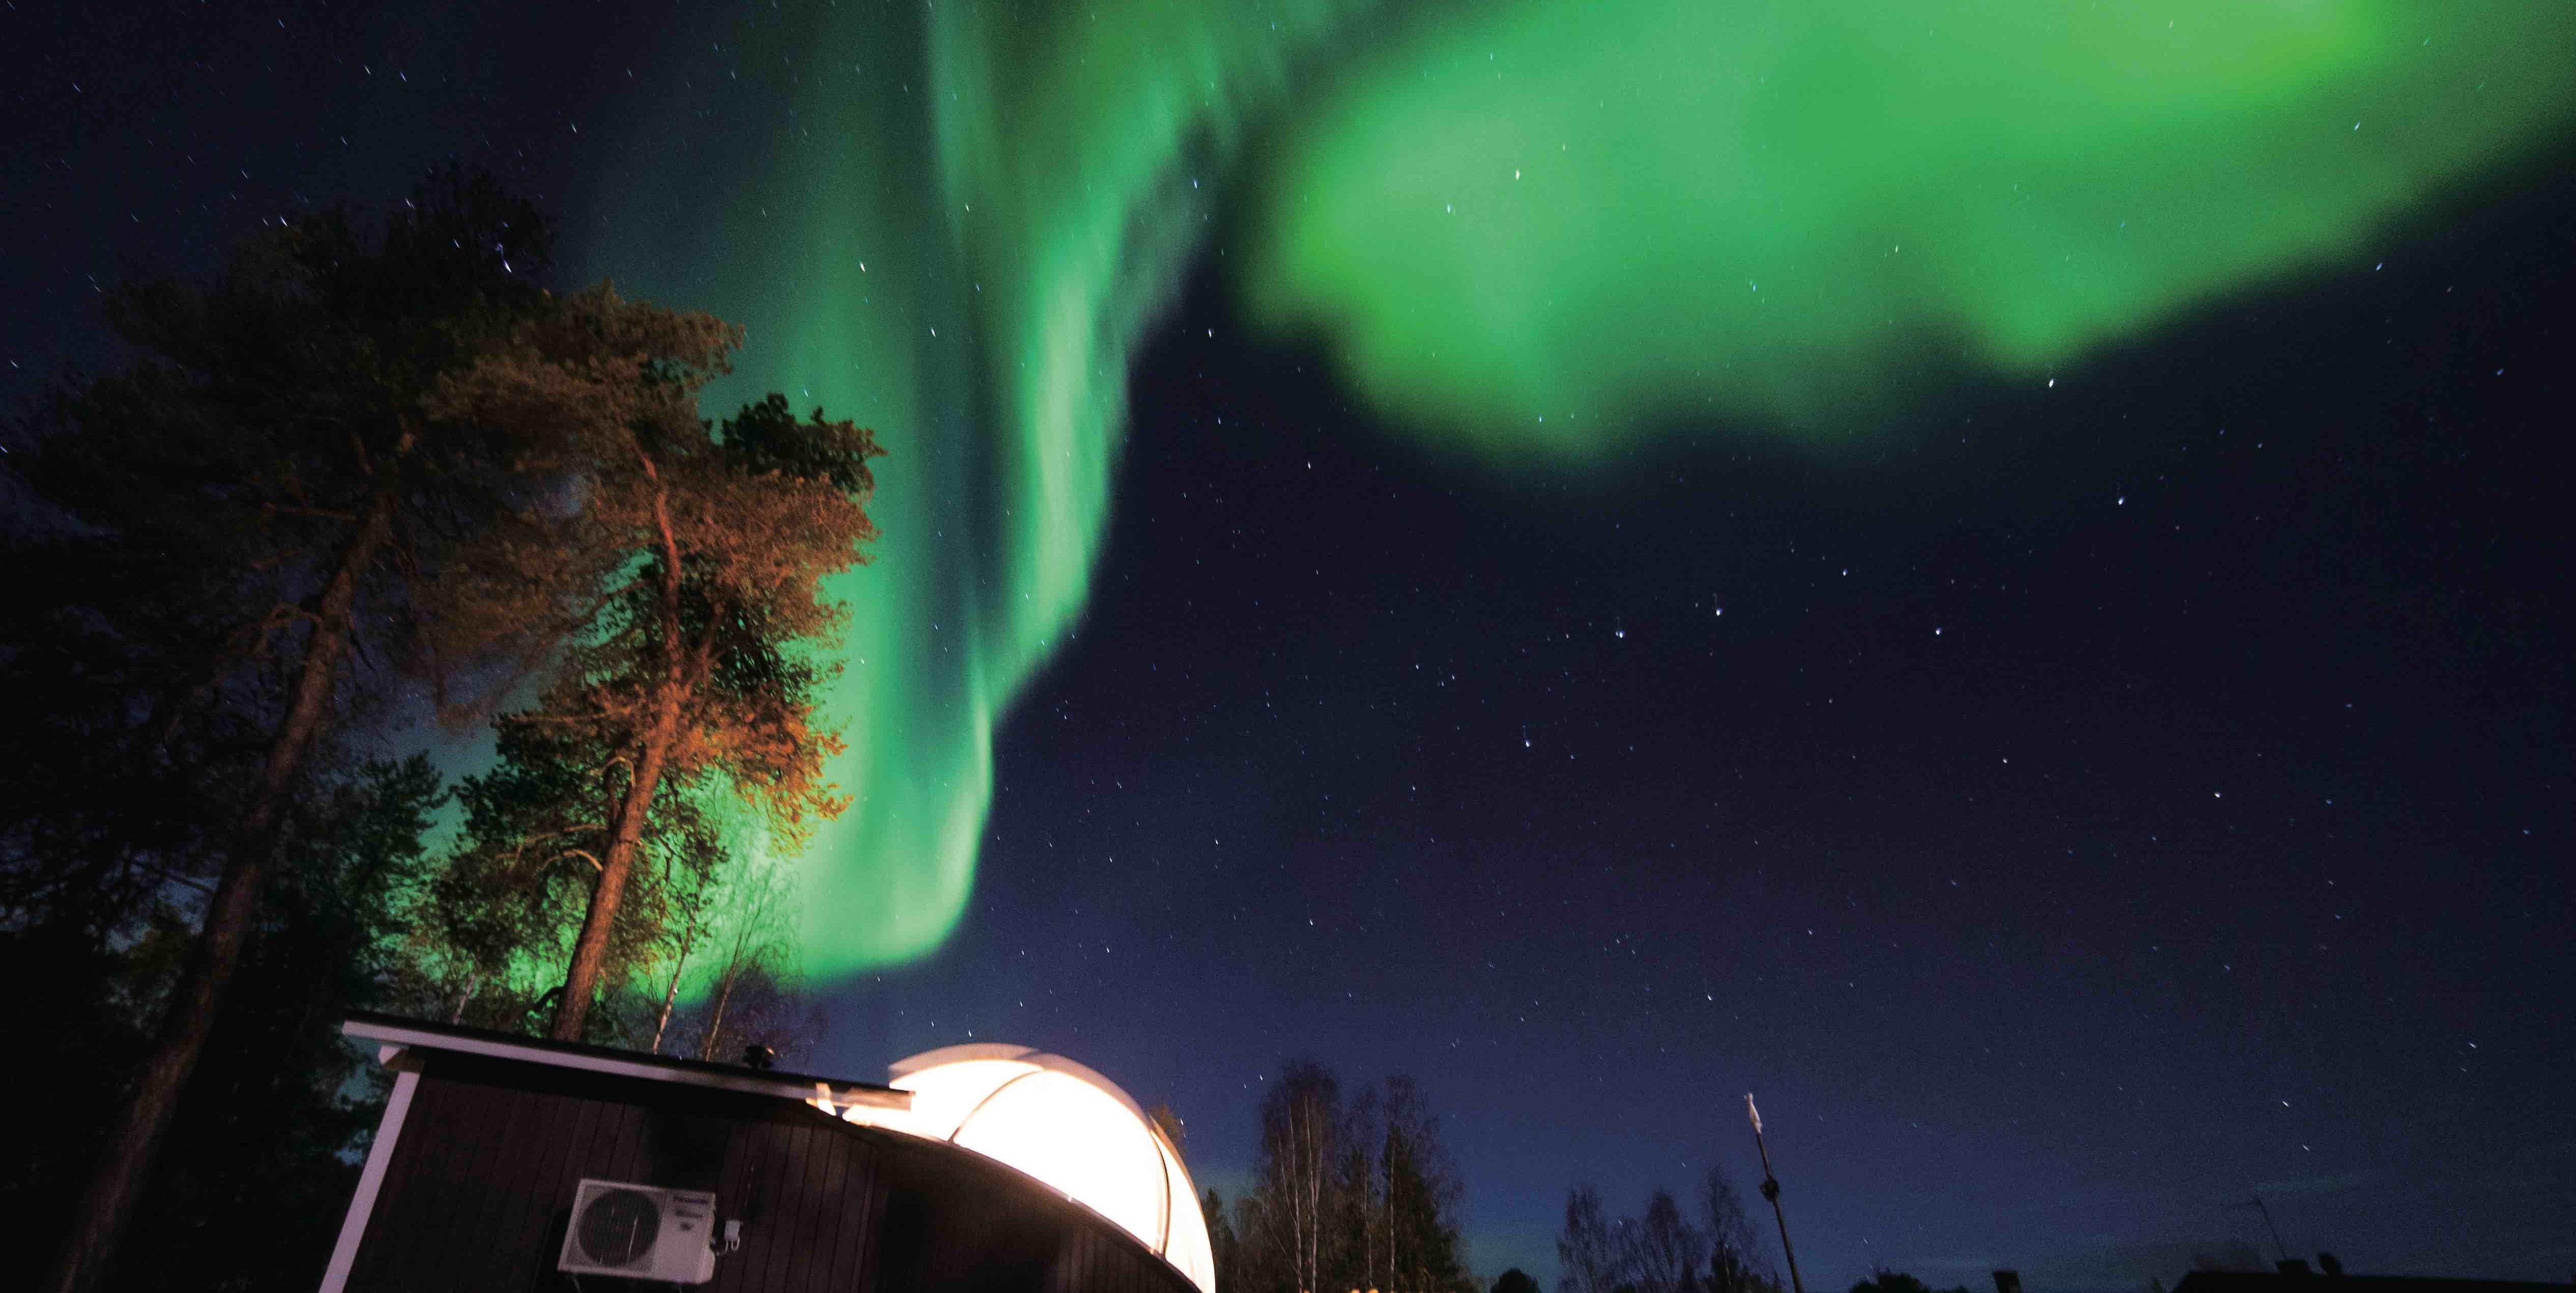 オーロラ ホテル 絶景 フィンランド